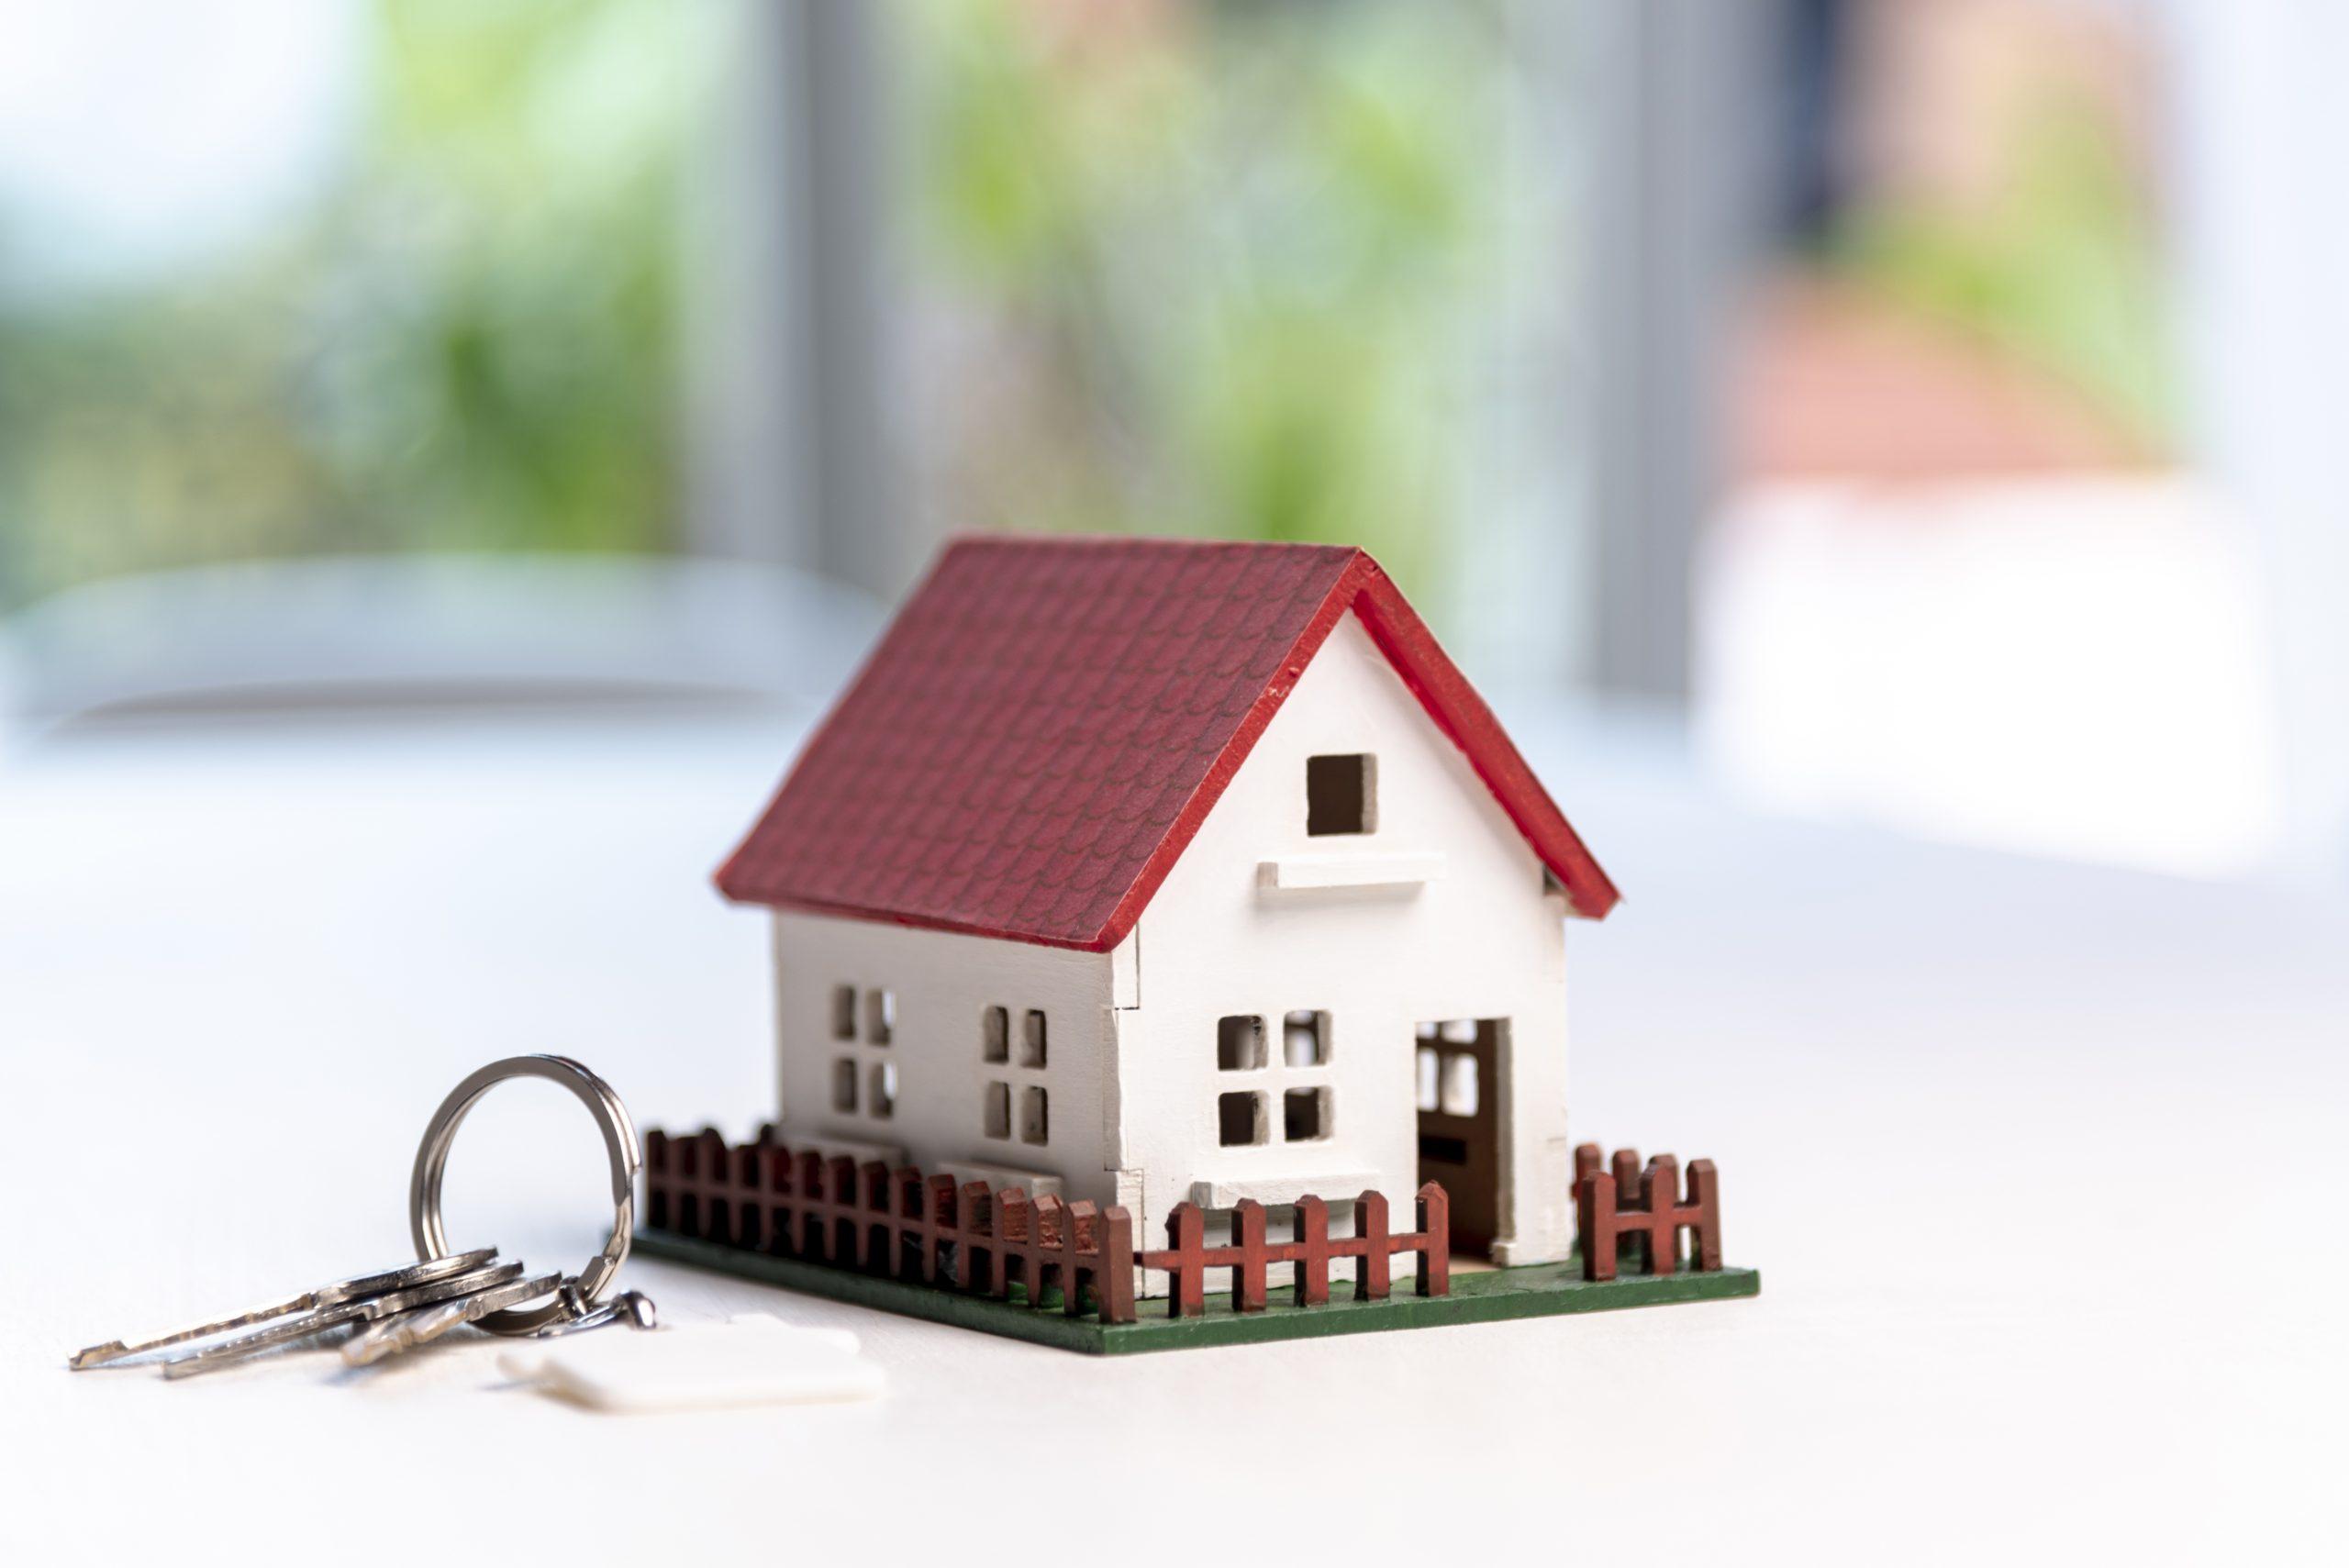 vantagens de investir em imóveis